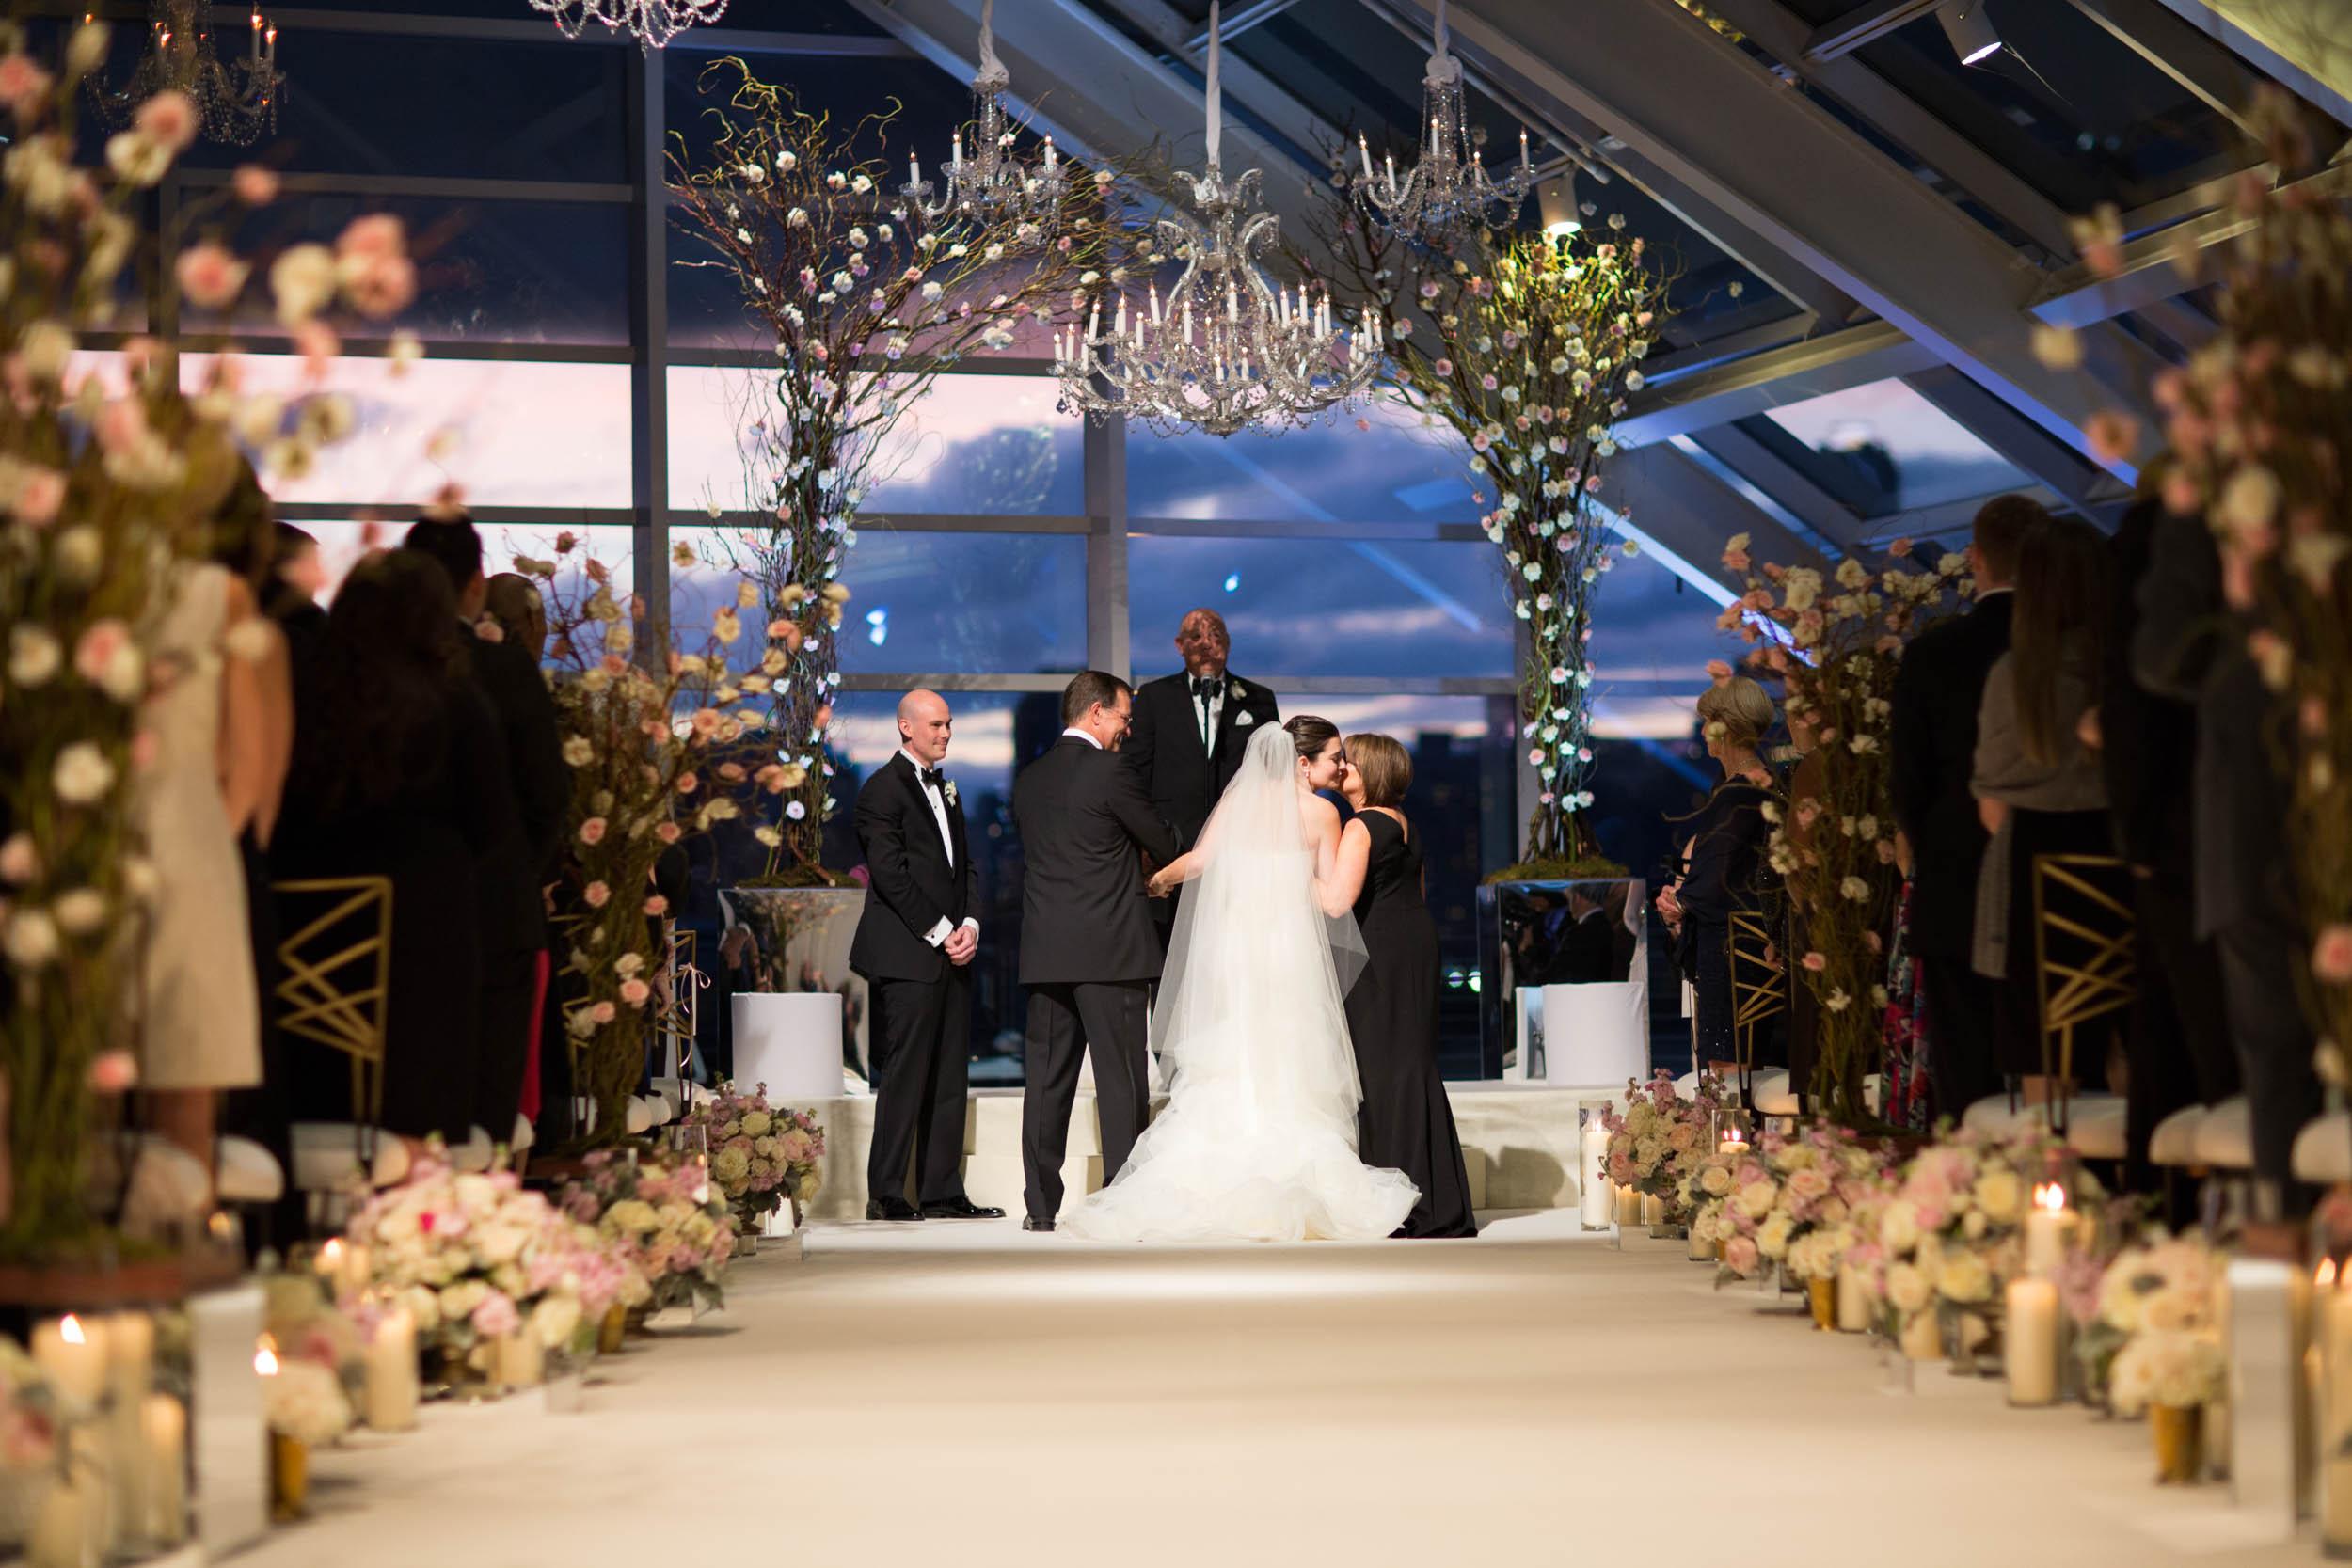 chicago-wedding-photos-studio-this-is-jack-schroeder-2.jpg